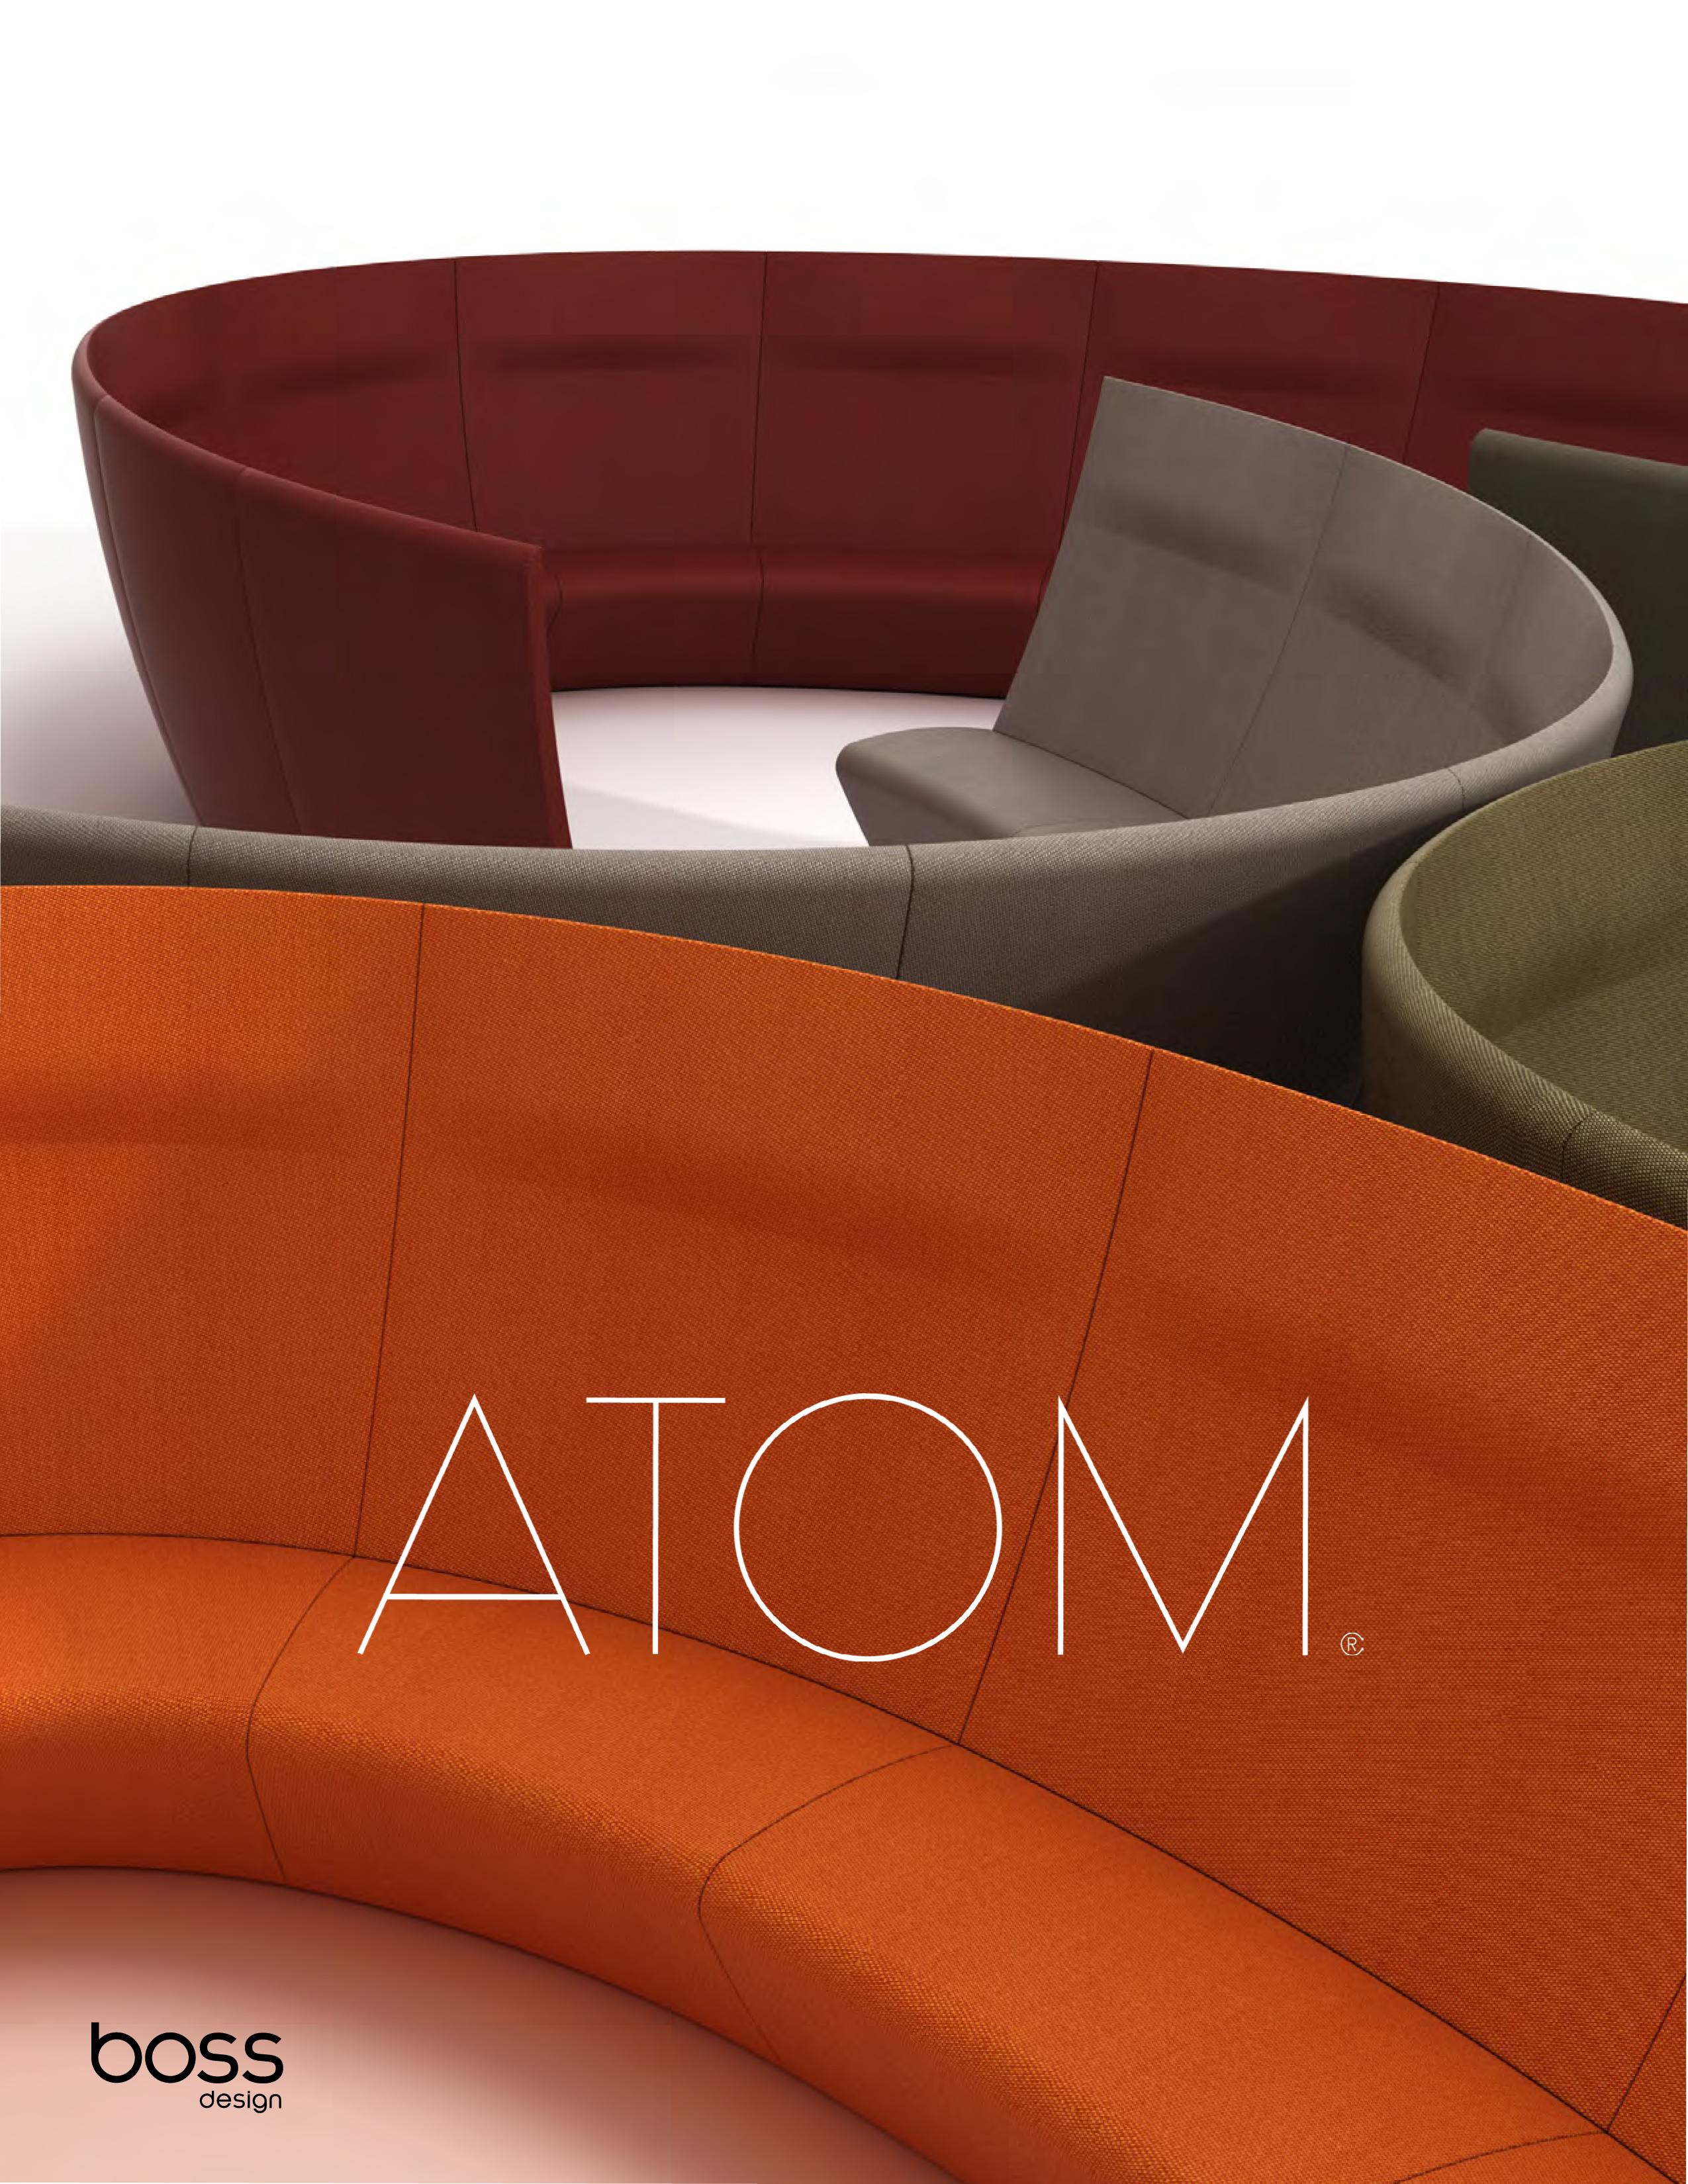 atom-brochure-cat-page.jpg